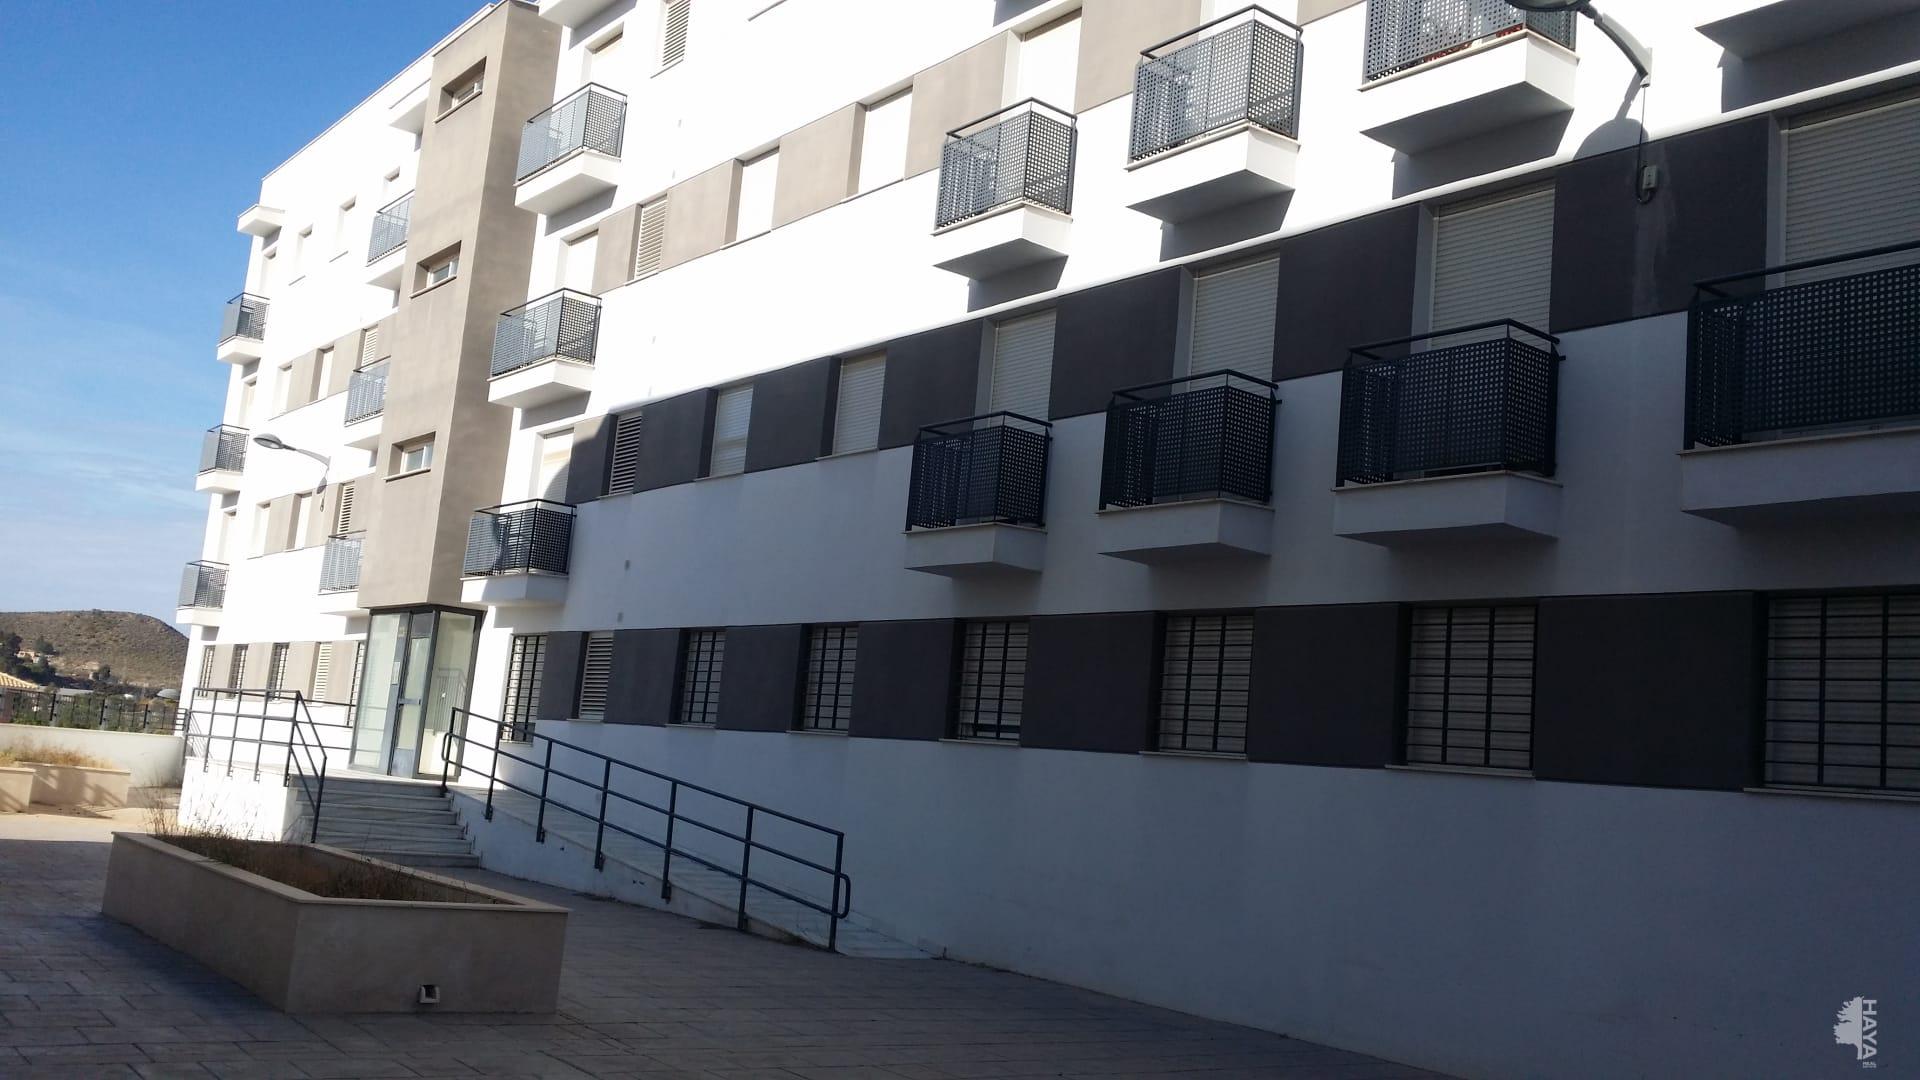 Piso en venta en Olula del Río, Almería, Calle Alta, 65.300 €, 3 habitaciones, 1 baño, 98 m2